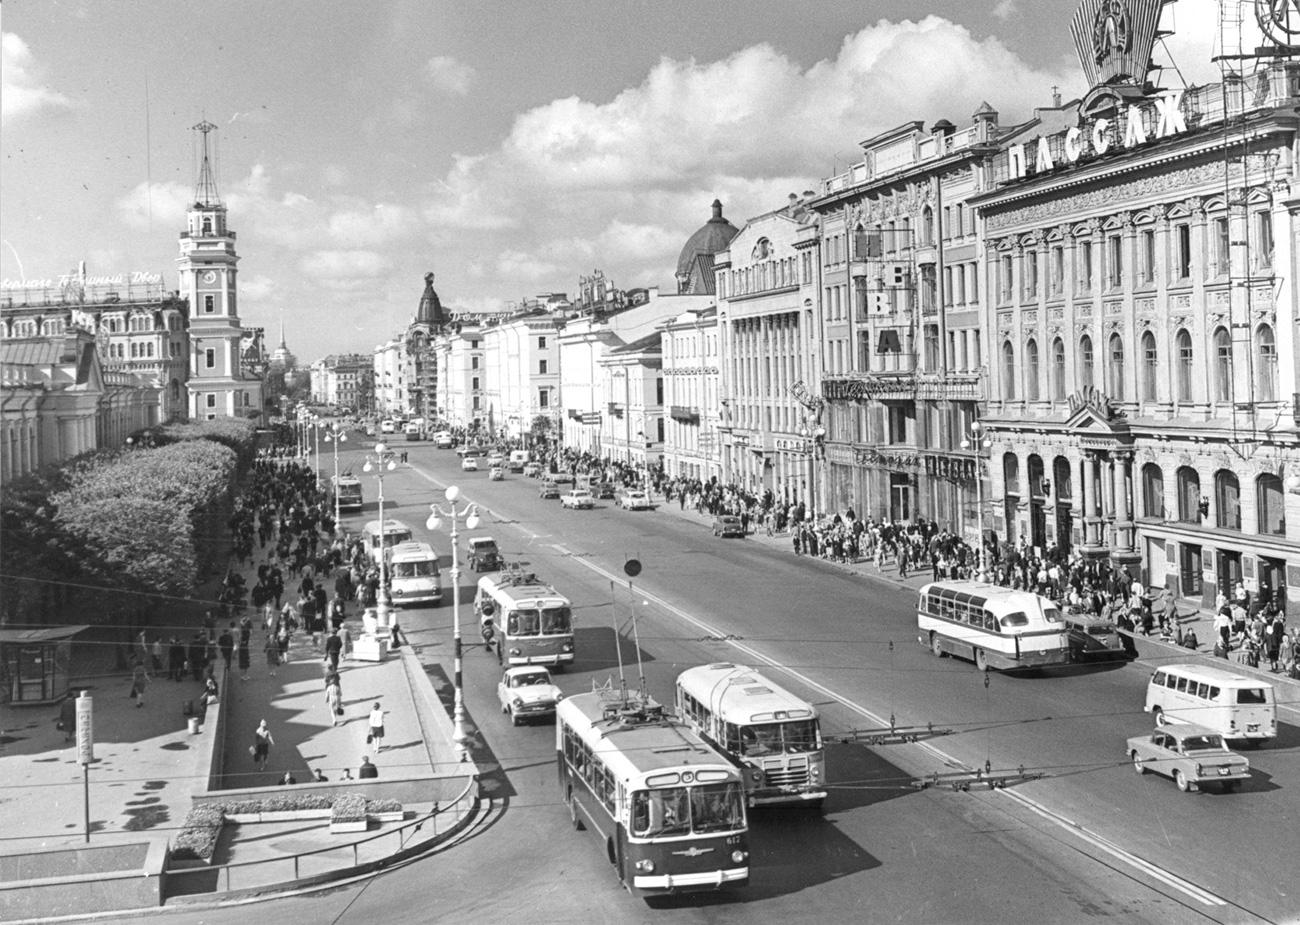 Le fotografie dell'archivio, realizzate da fotoreporter di epoca sovietica, sono ora consultabili online con libero accesso per usi editoriali, di studio e commerciali